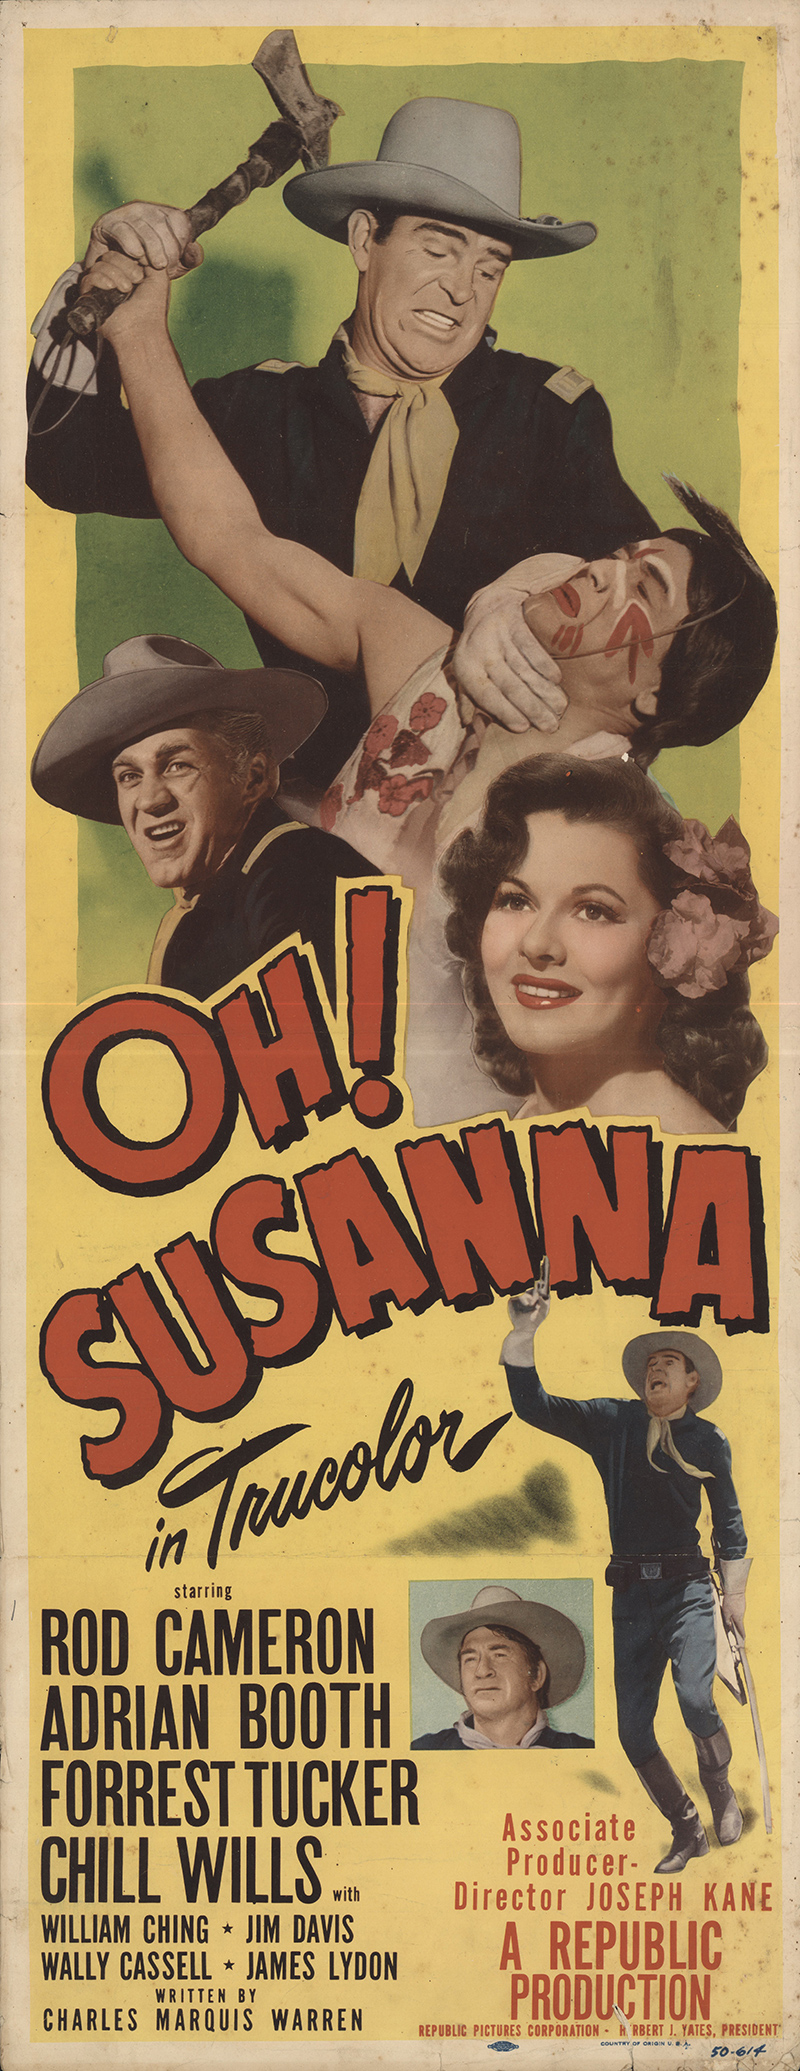 tumbleweed movie 1953 cast